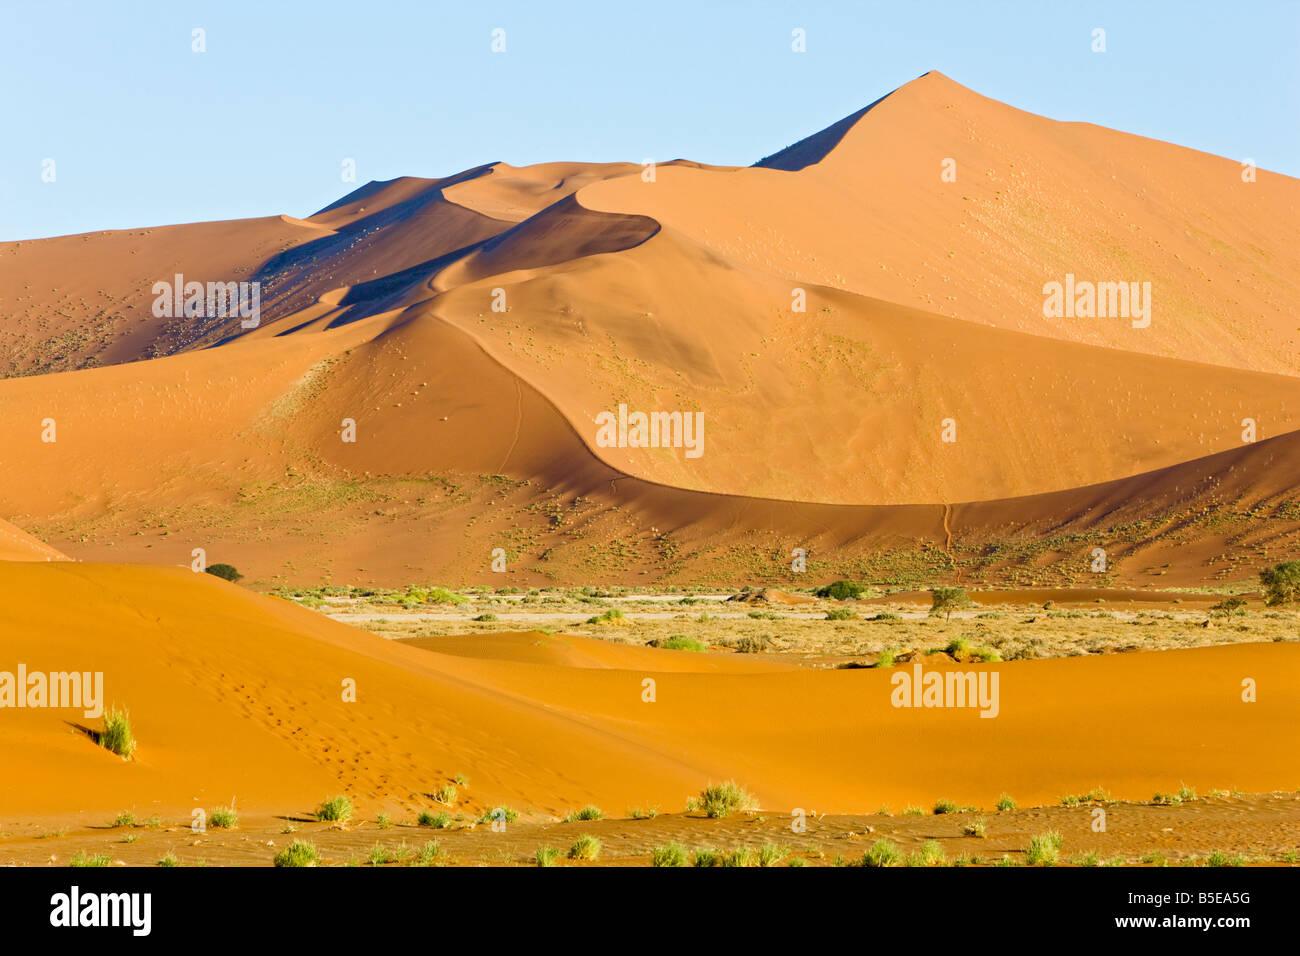 Africa, Namibia, Sossusvlei, Sand Dunes in Namib Desert - Stock Image